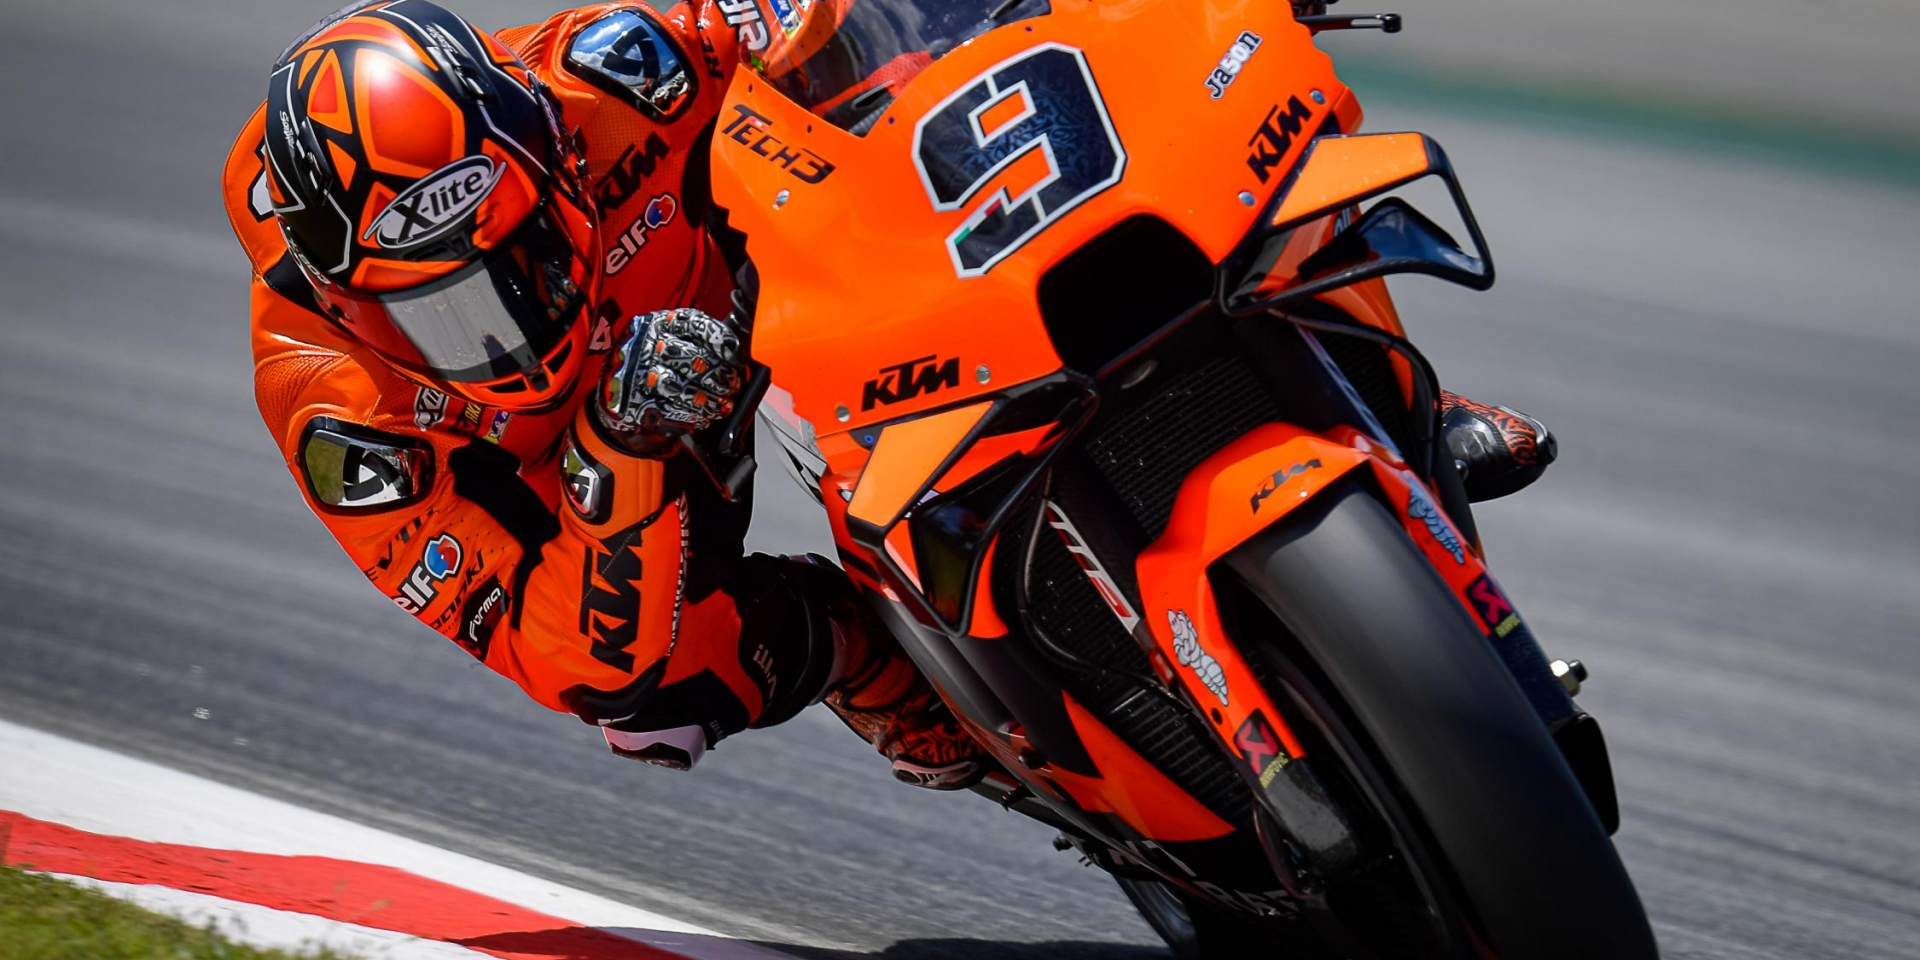 把握機會!Danilo Petrucci:在Sachsenring是一個好機會展現KTM的速度!